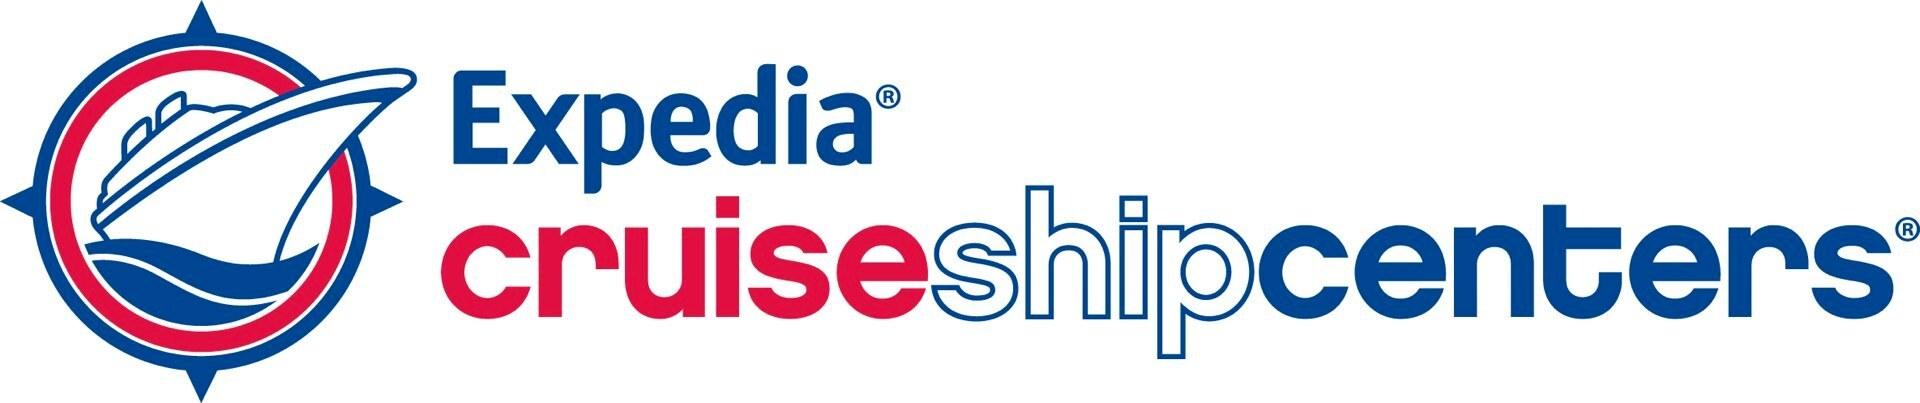 Expedia CruiseShipCenters Maple Ridge